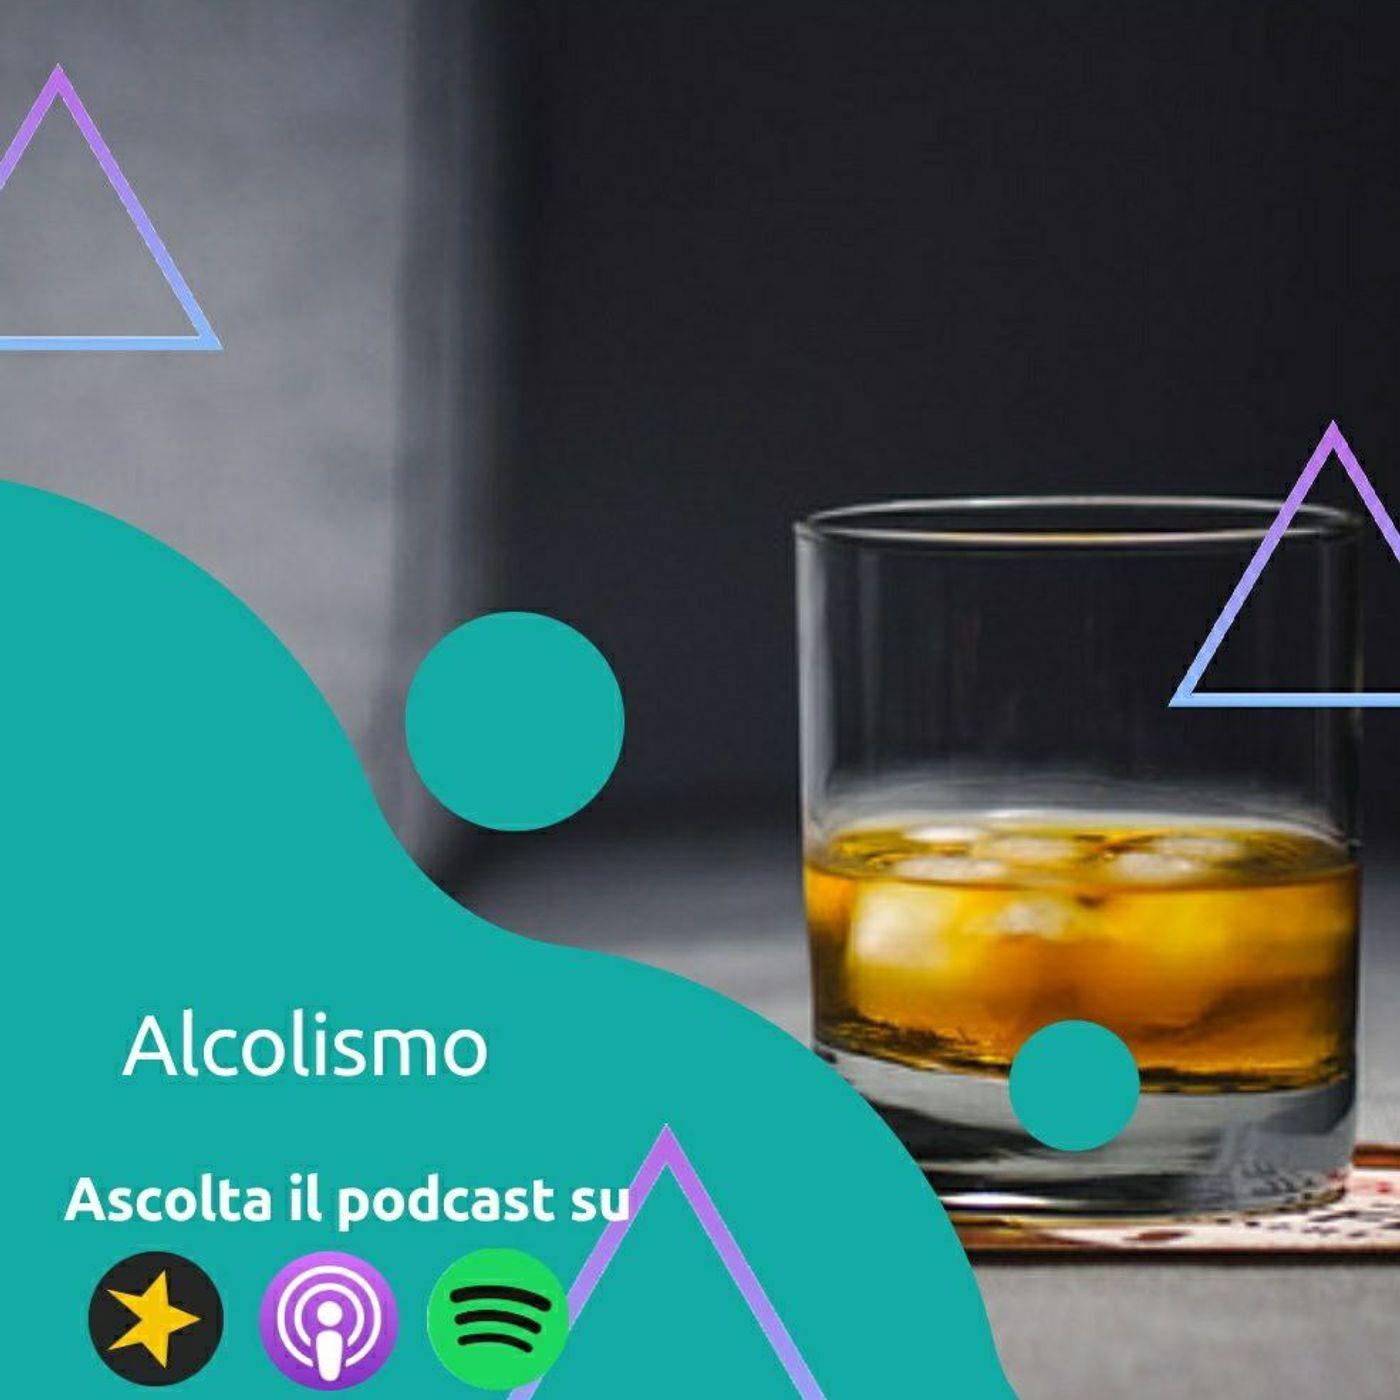 Alcolismo e Falsi miti sull'alcol